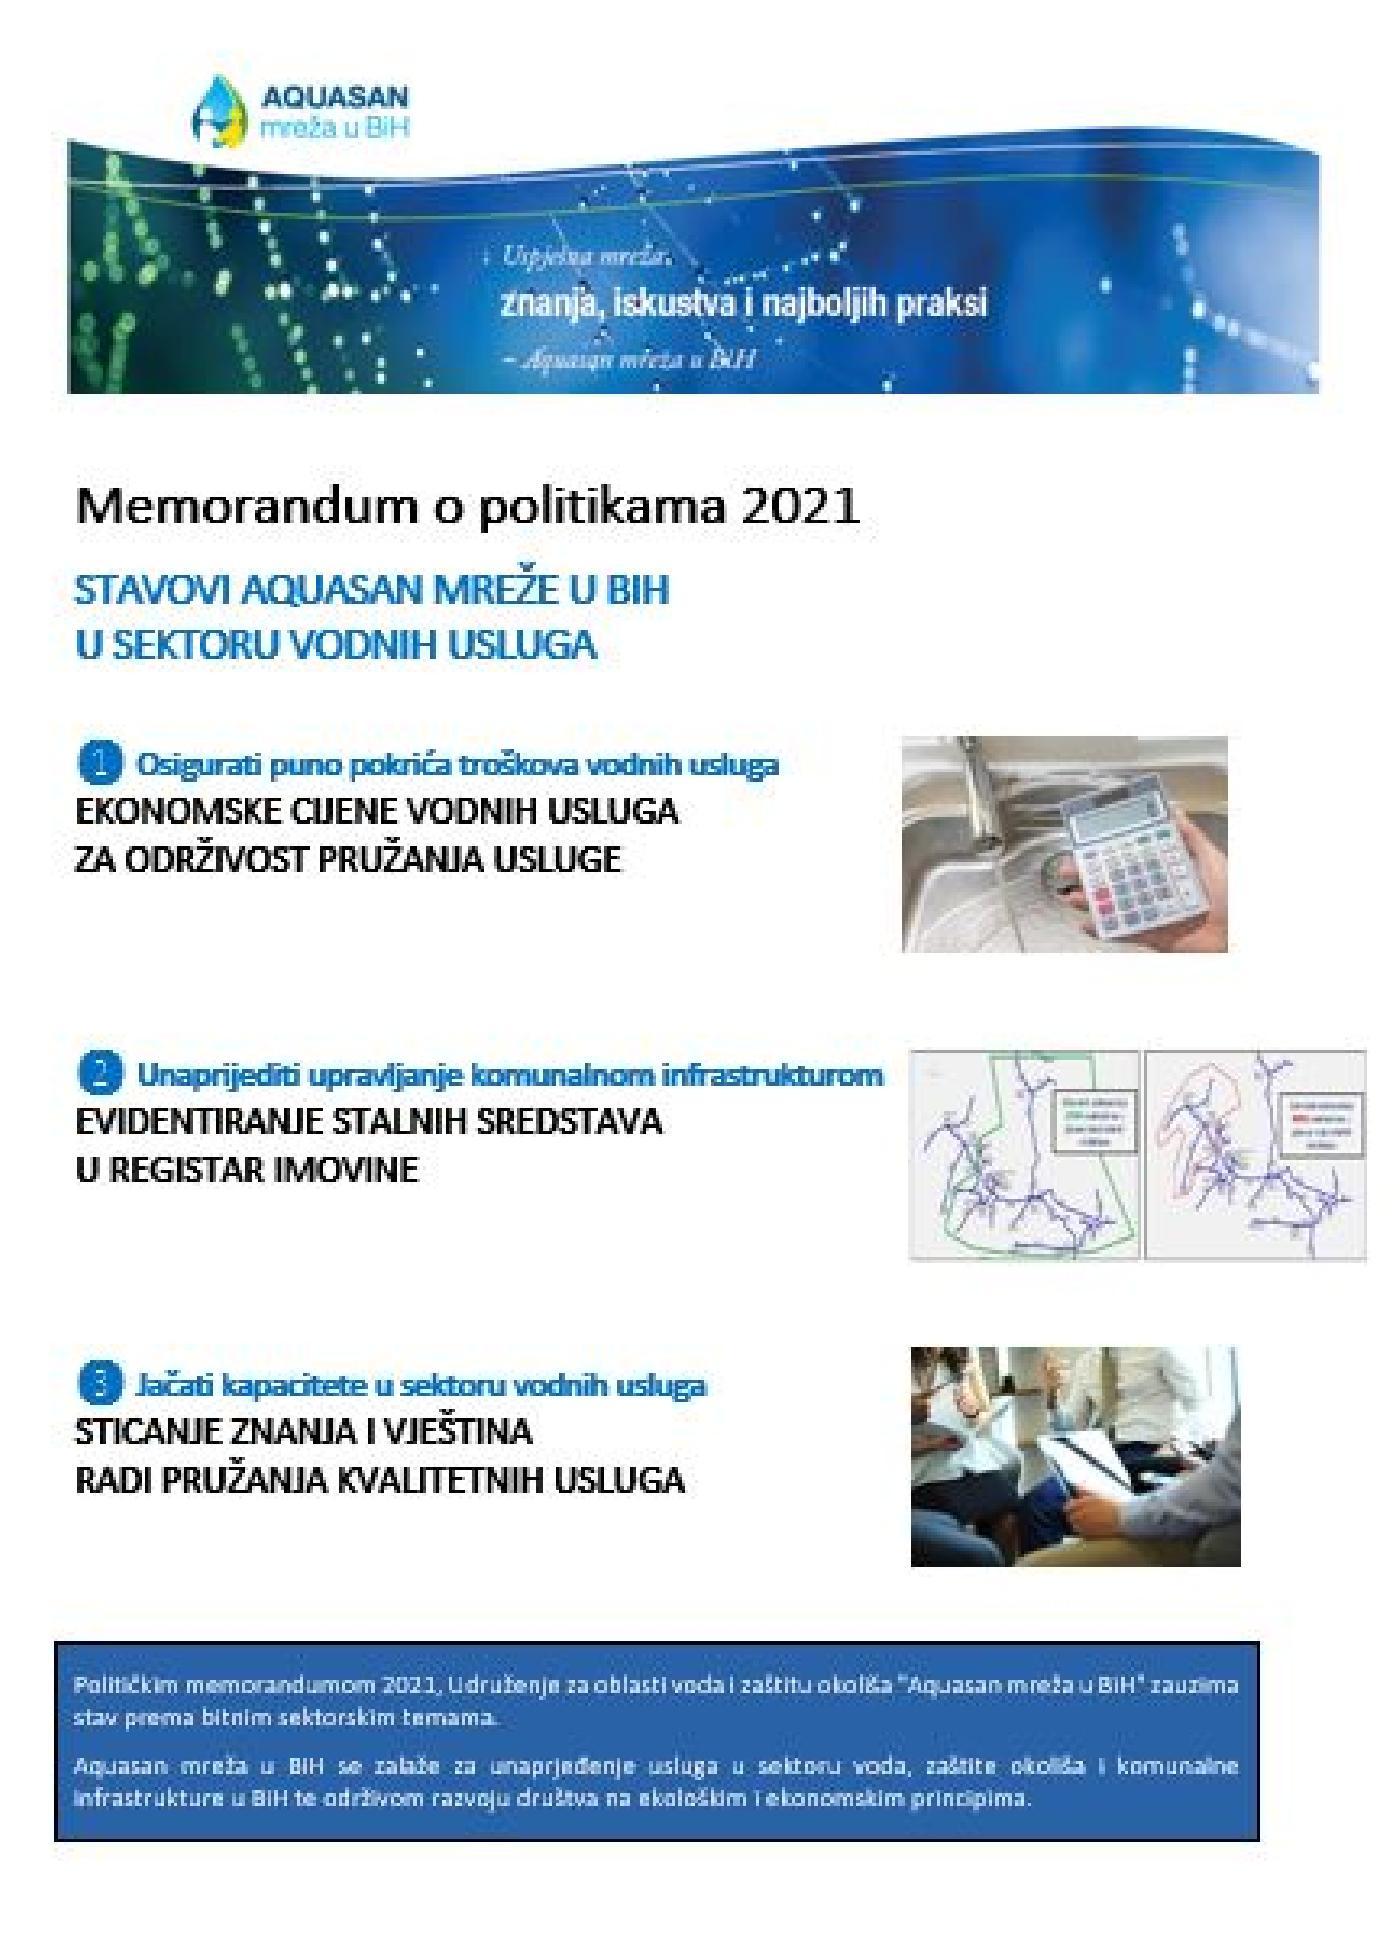 Memorandum o politikama 2021: Stavovi Aquasan mreže u BiH u sektoru vodnih usluga